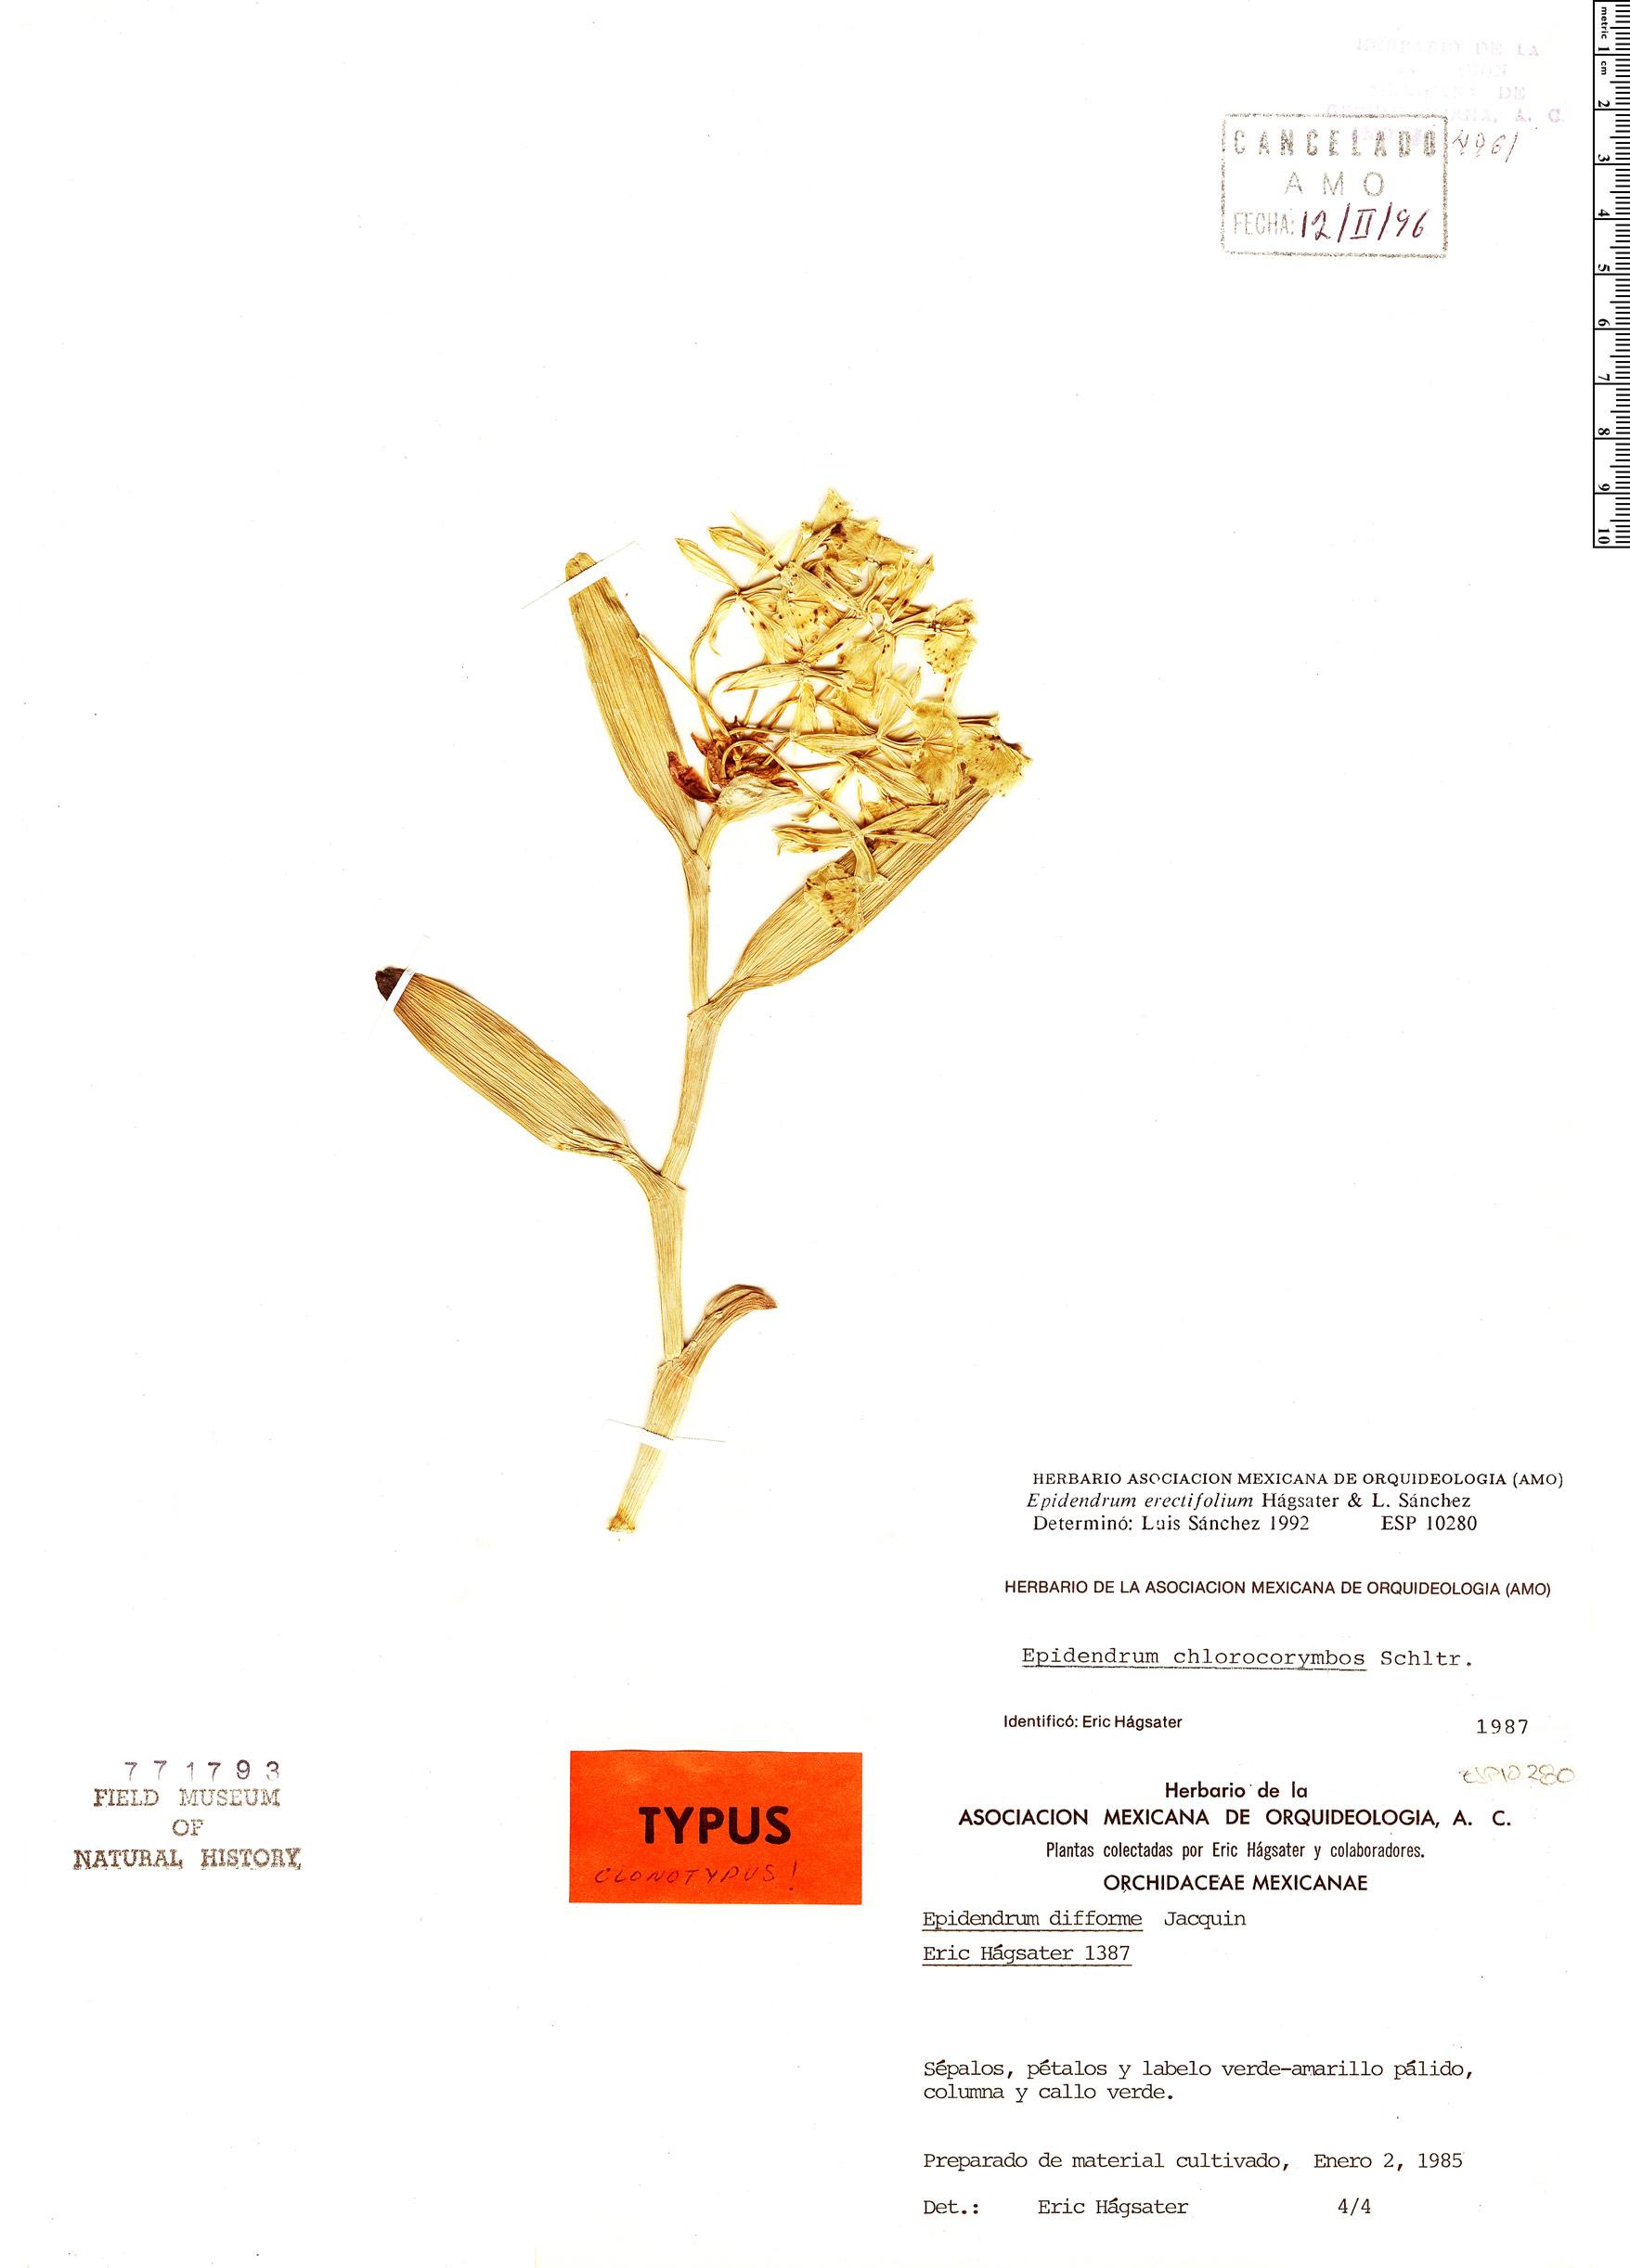 Specimen: Epidendrum erectifolium